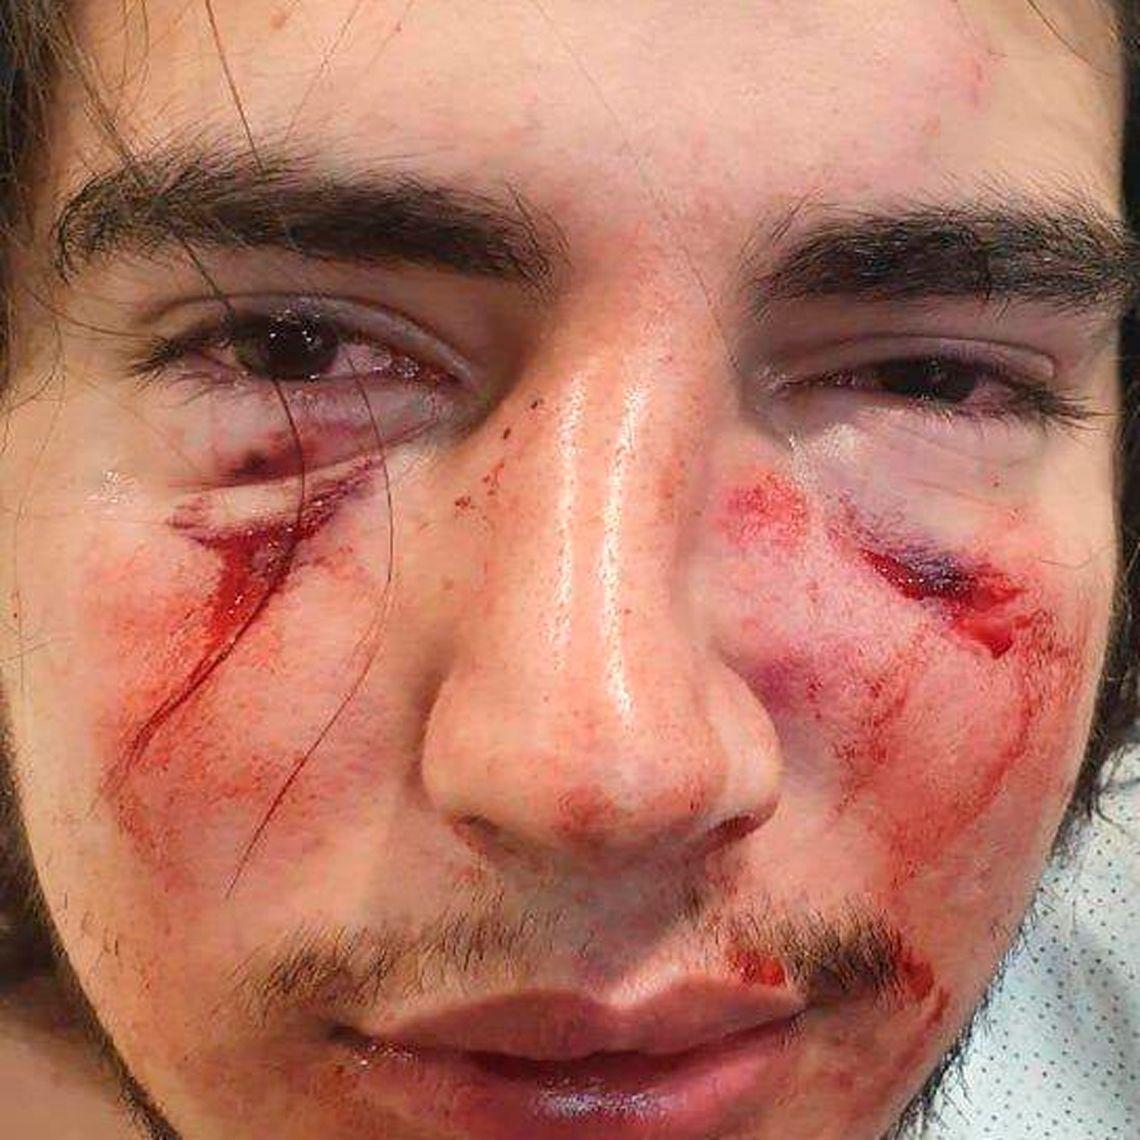 Córdoba: denuncian brutal golpiza de rugbiers contra un joven de 18 años